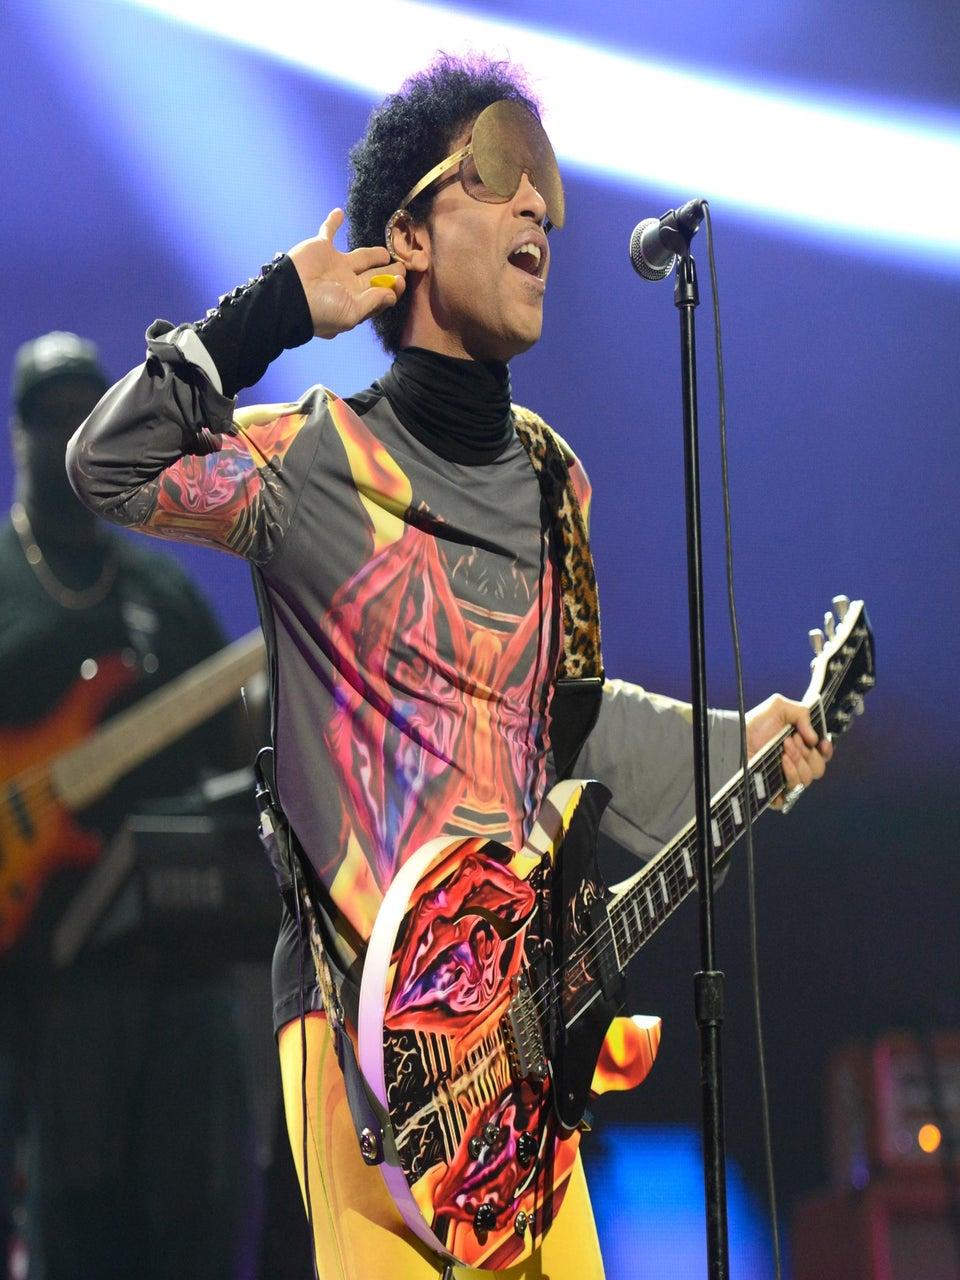 Prince Set To Begin 'Hit & Run' Tour